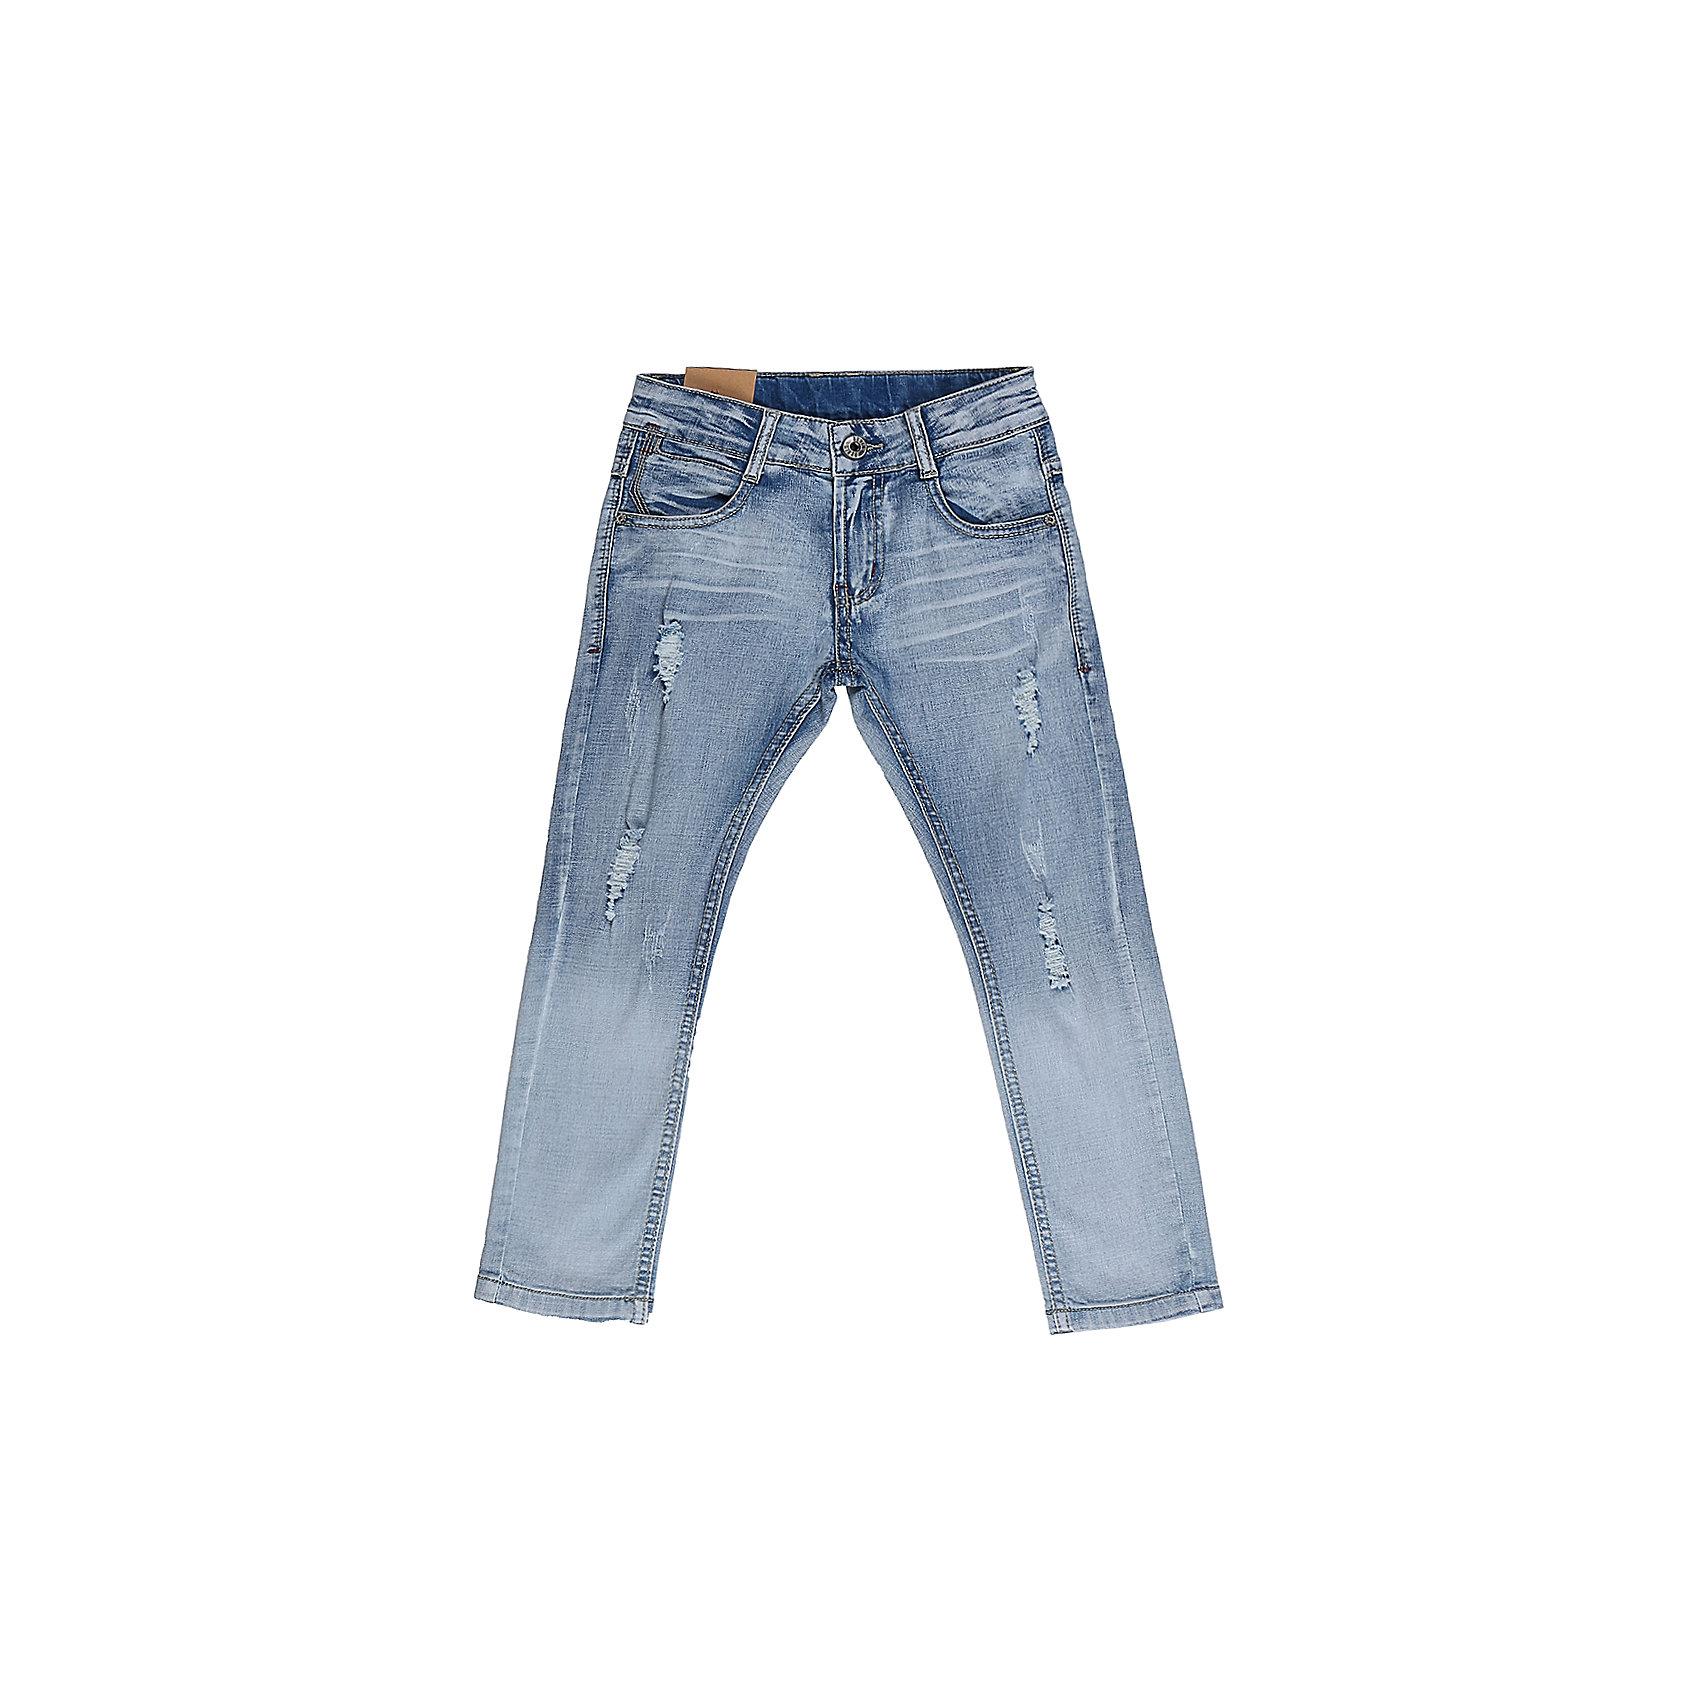 Джинсы для мальчика Sweet BerryДжинсы  для мальчика с оригинальной варкой. Декорированы эффектом рваной джинсы. Зауженный крой, средняя посадка. Застегиваются на молнию и пуговицу. Шлевки на поясе рассчитаны под ремень. В боковой части пояса находятся вшитые эластичные ленты, регулирующие посадку по талии.<br>Состав:<br>98%хлопок 2%эластан<br><br>Ширина мм: 215<br>Глубина мм: 88<br>Высота мм: 191<br>Вес г: 336<br>Цвет: синий<br>Возраст от месяцев: 36<br>Возраст до месяцев: 48<br>Пол: Мужской<br>Возраст: Детский<br>Размер: 104,98,110,116,122,128<br>SKU: 5410229